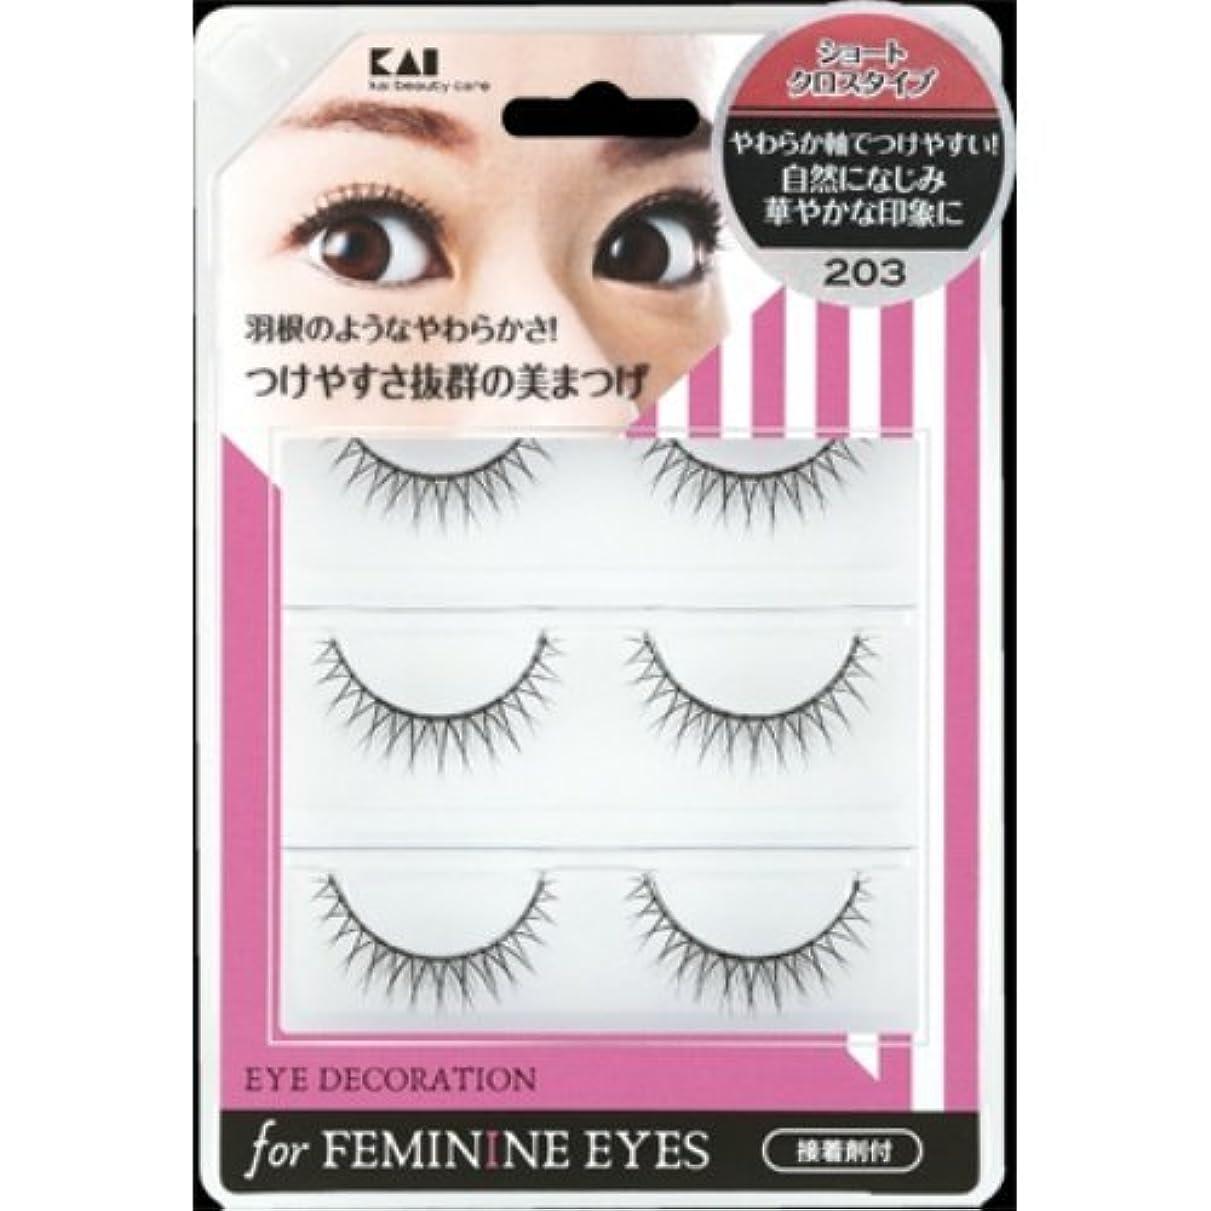 作動する短くする小さい貝印 アイデコレーション for feminine eyes 203 HC1560